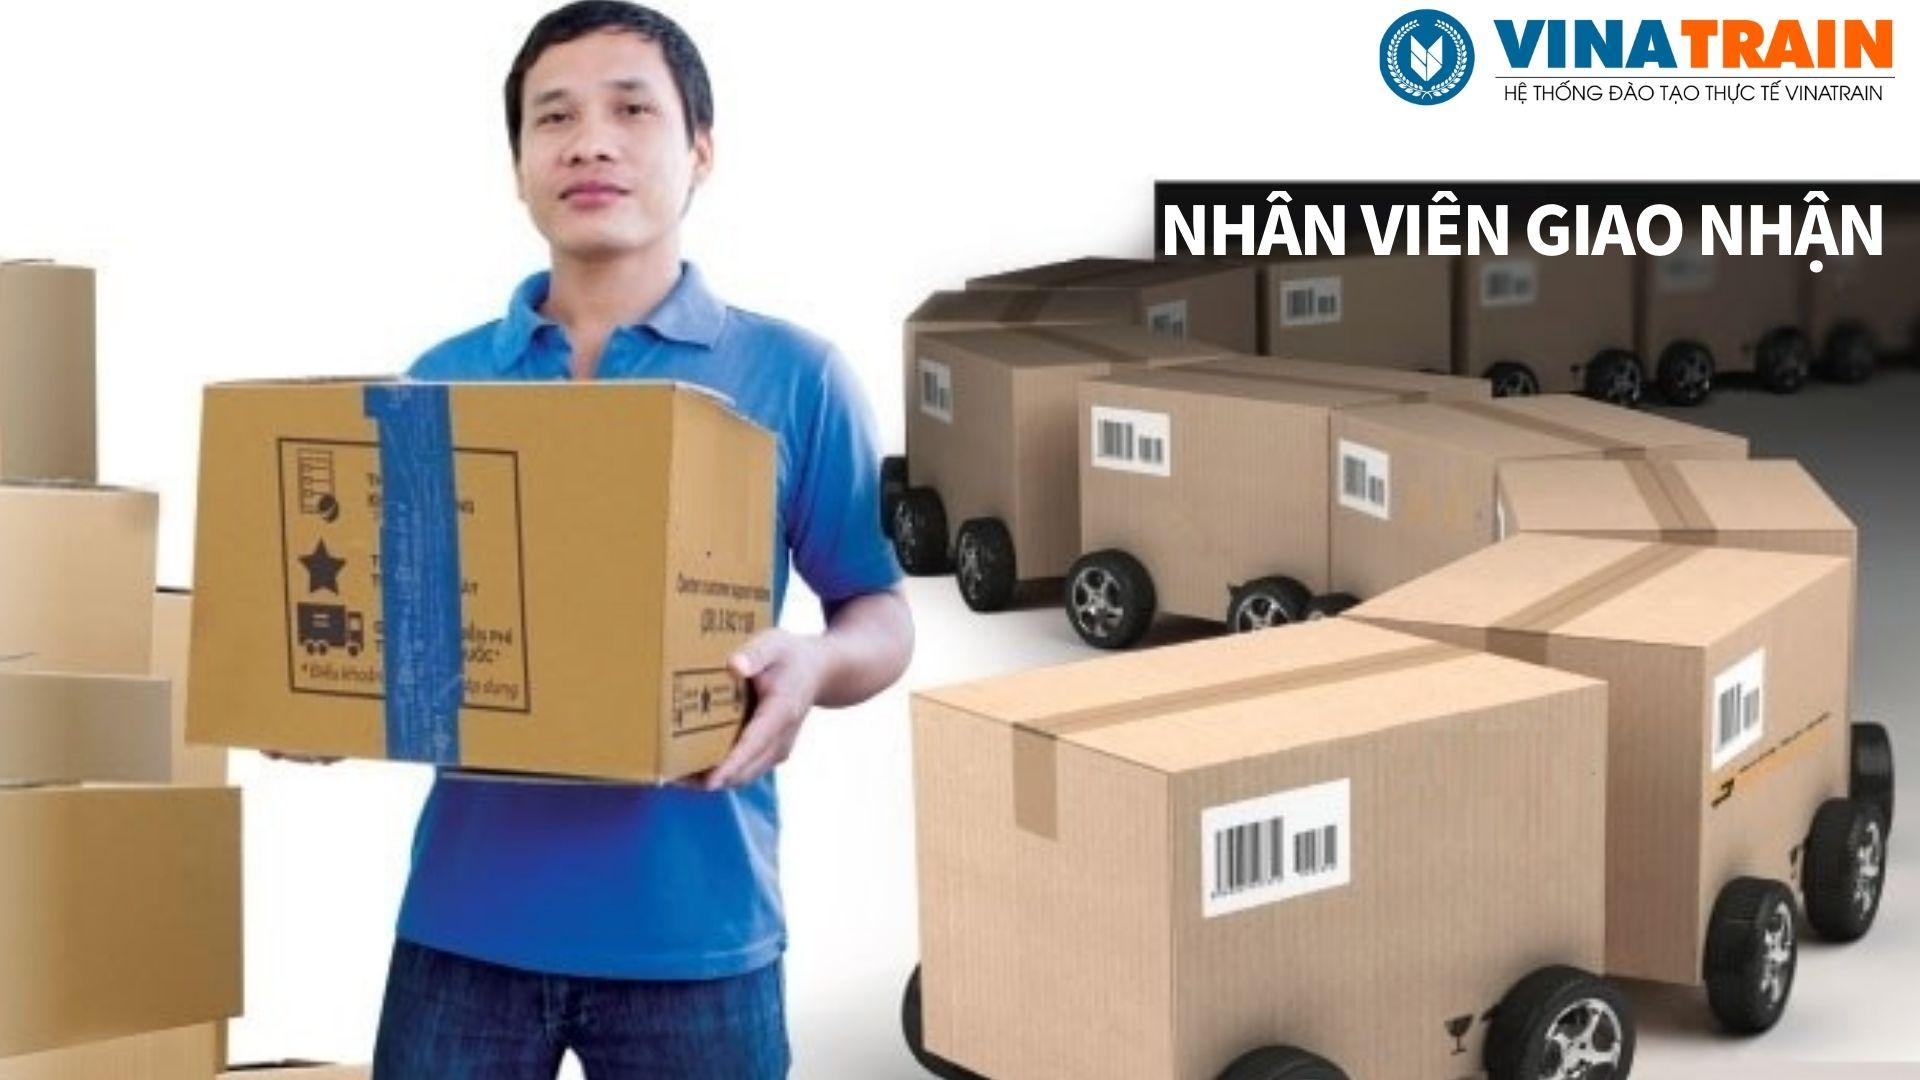 Nhân viên giao nhận làm việc tại các doanh nghiệp dịch vụ logistics